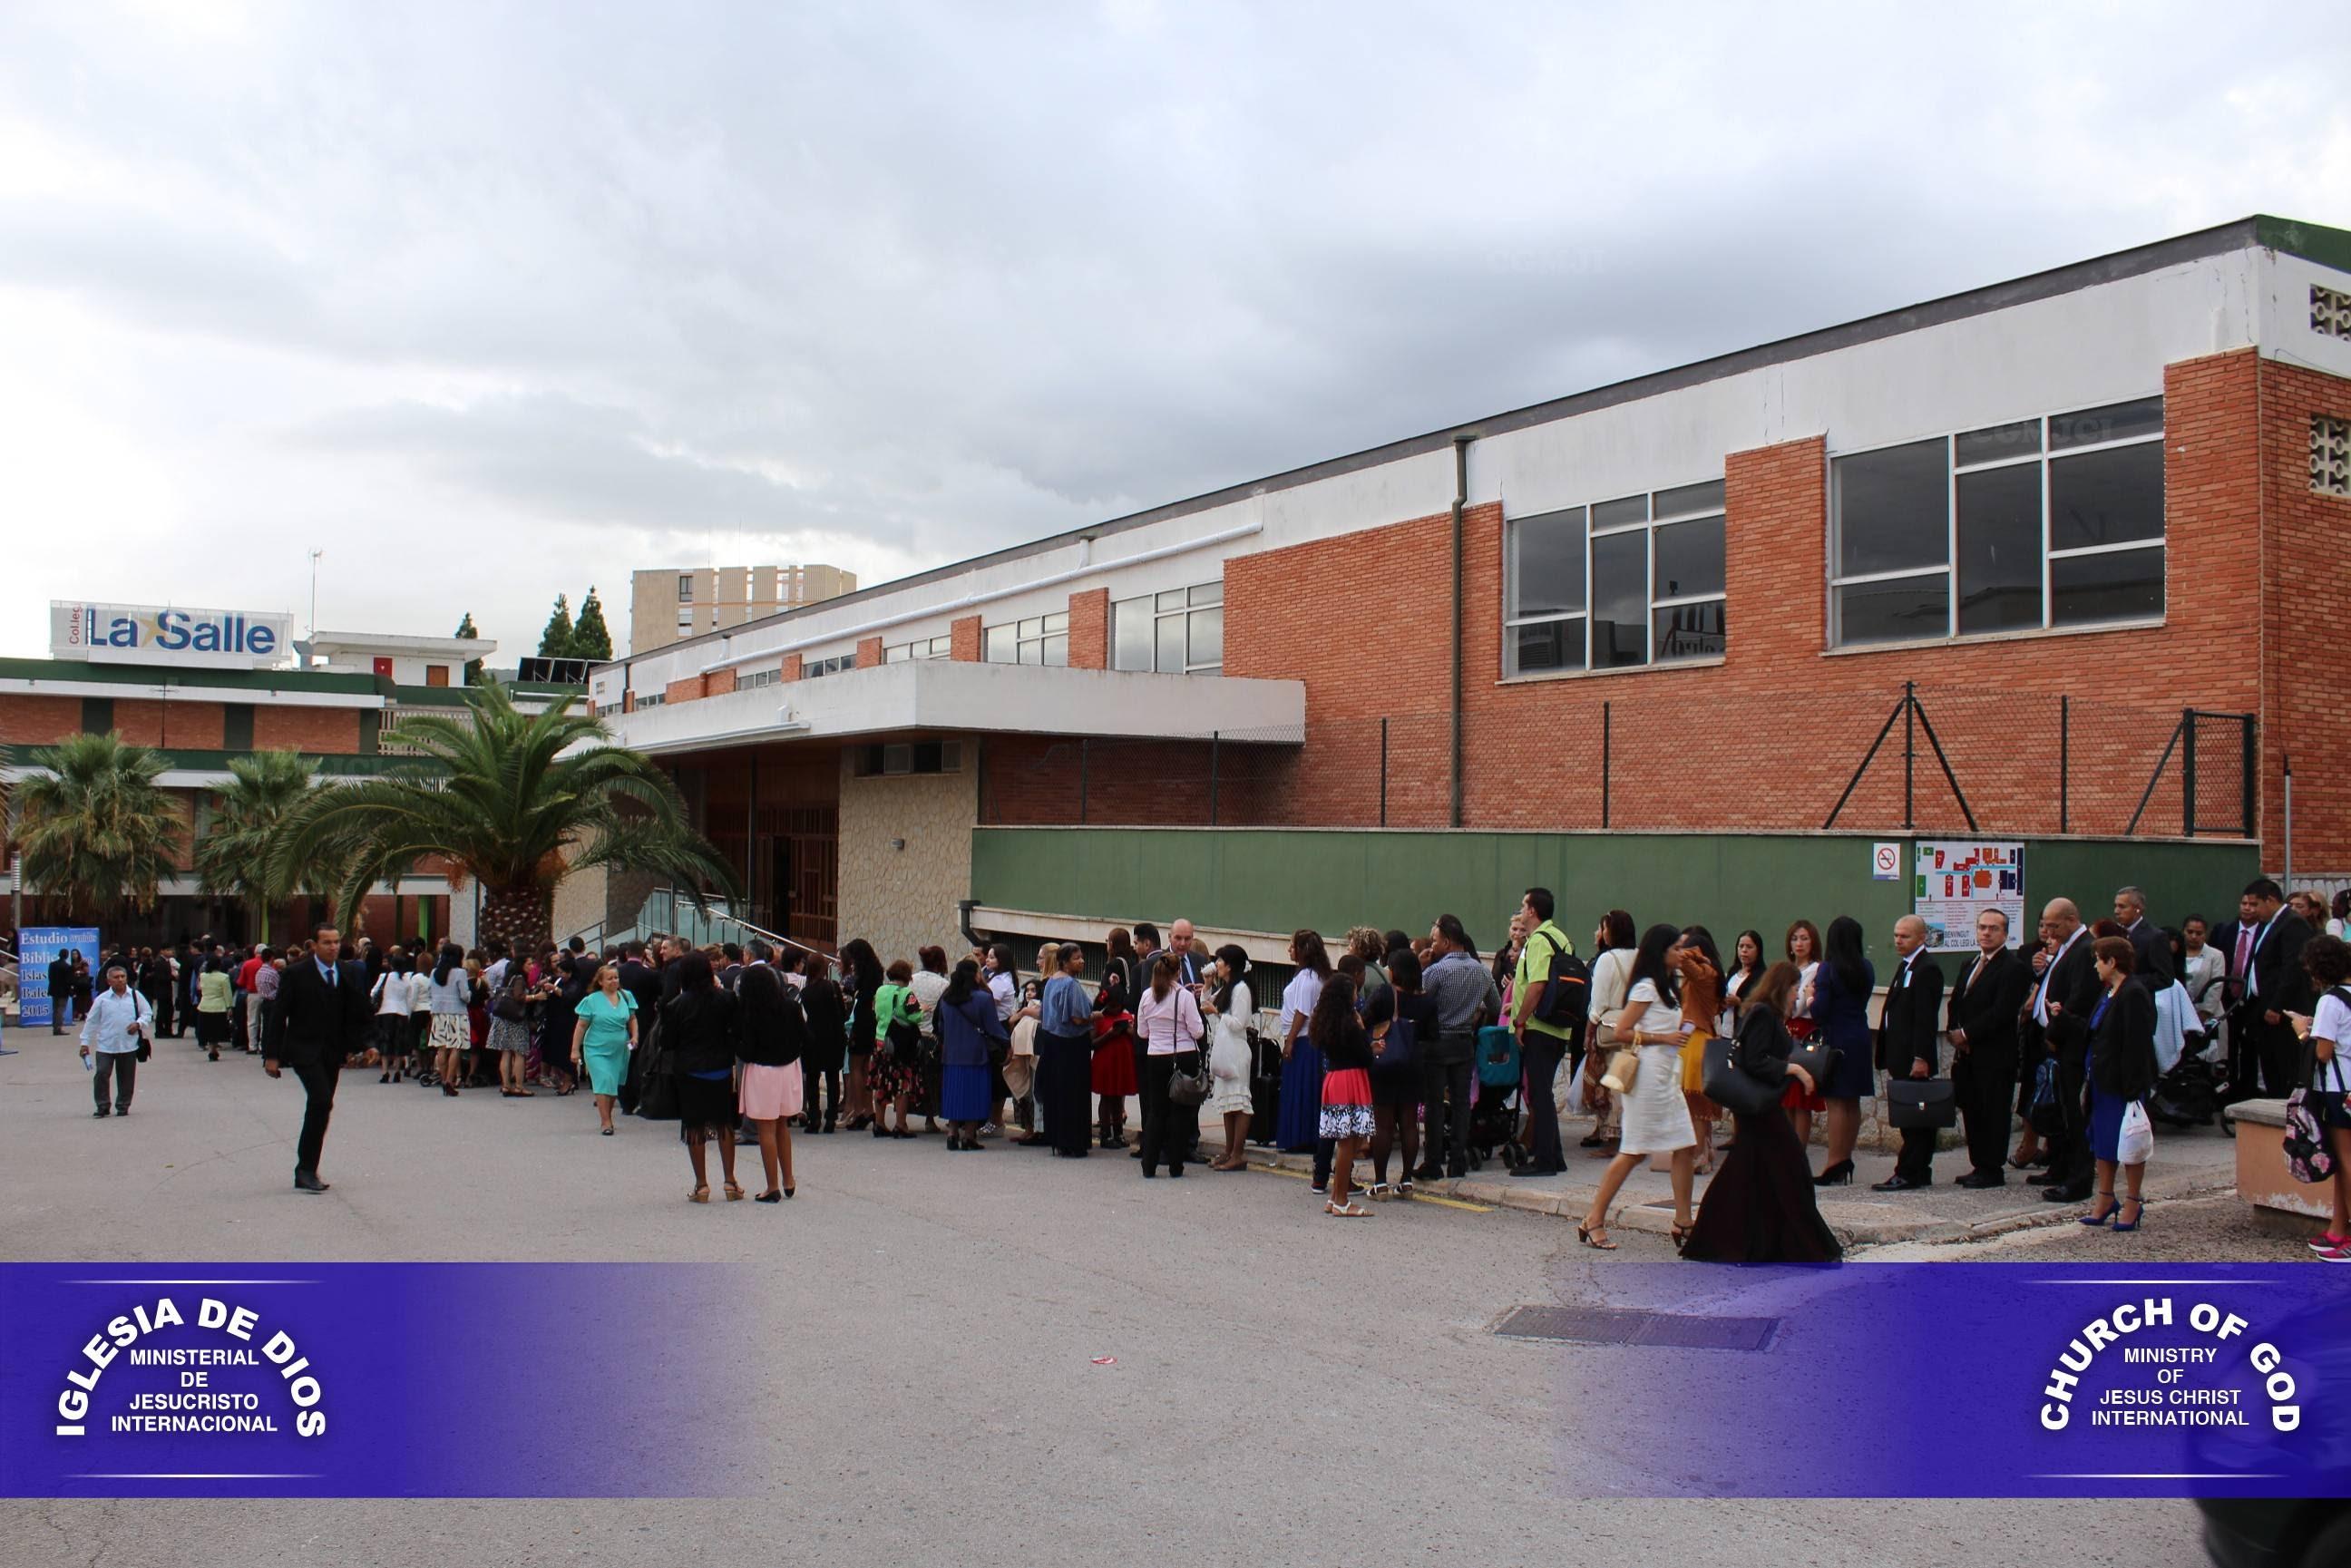 Iglesia de dios ministerial de jesucristo internacional - Estudios palma de mallorca ...